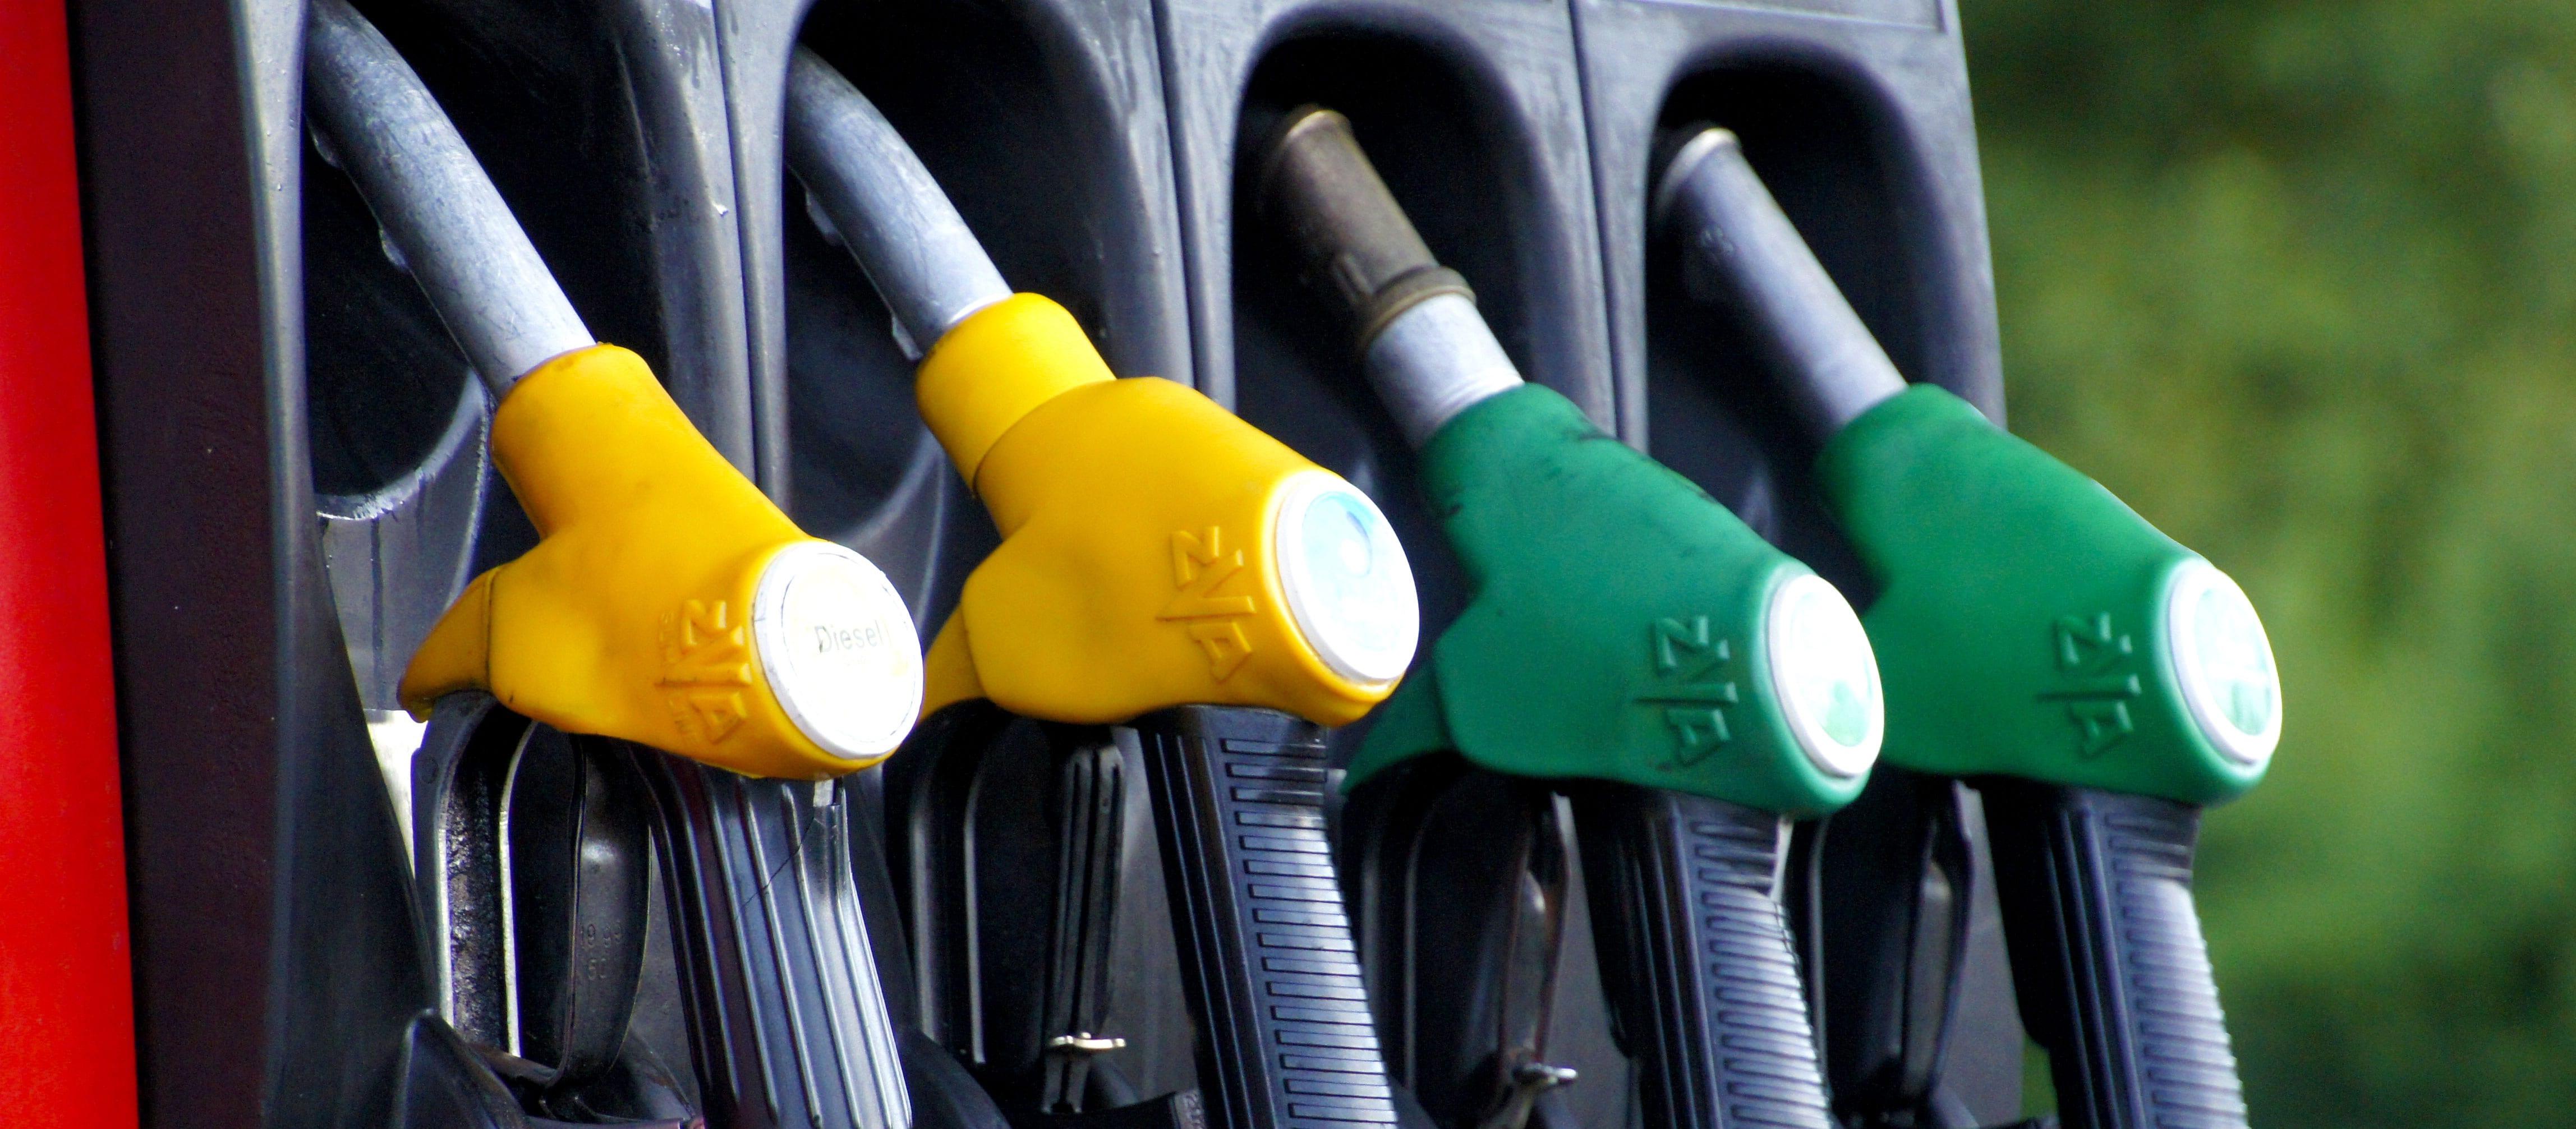 В Японии из-за нерентабельности стали закрываться бензоколонки